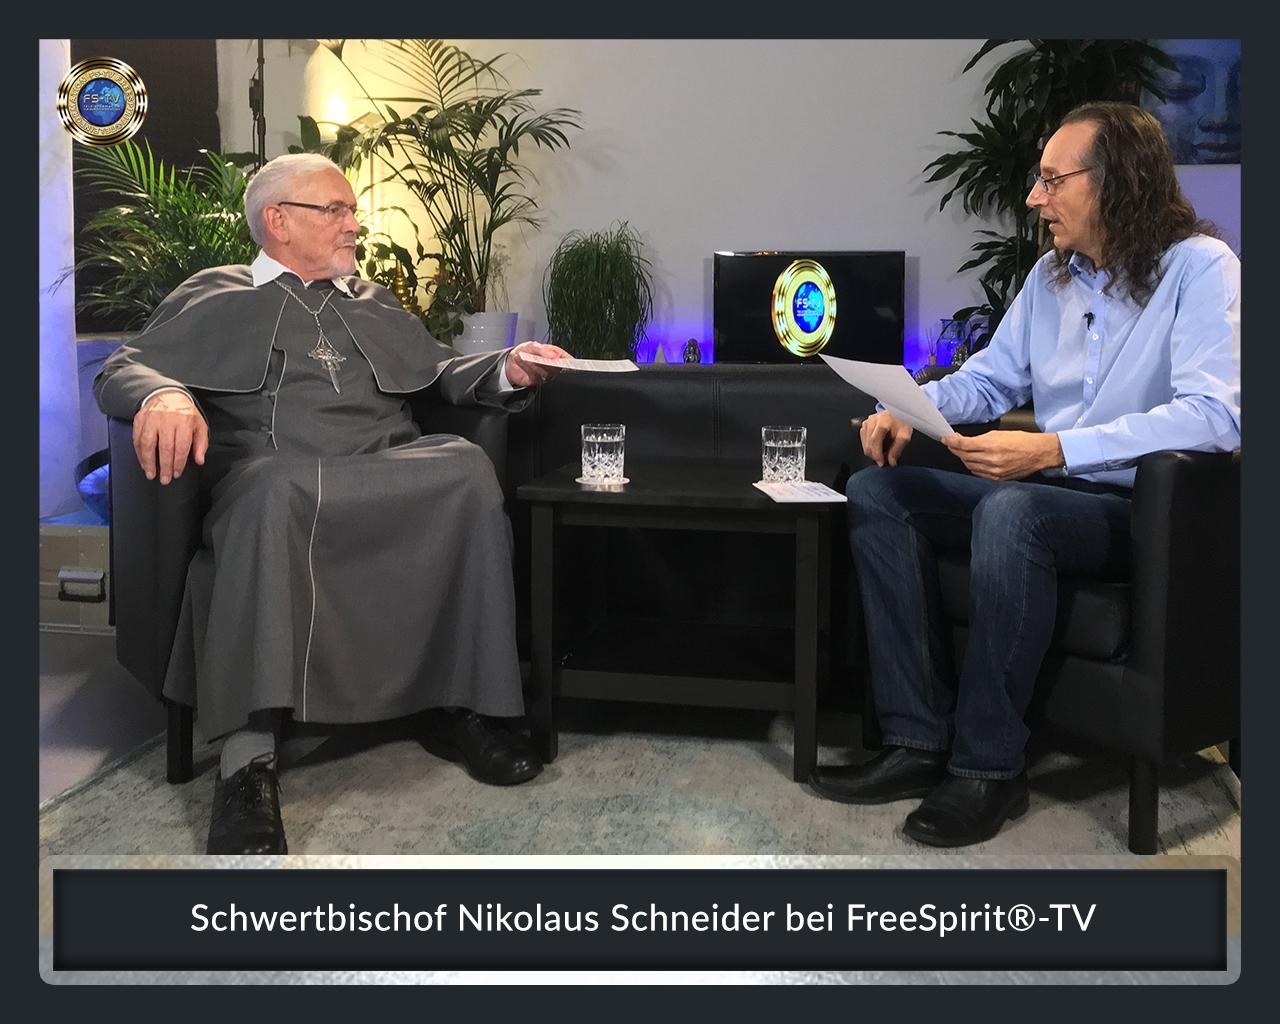 FS-TV-Bildergallerie-Schwertbischof_6